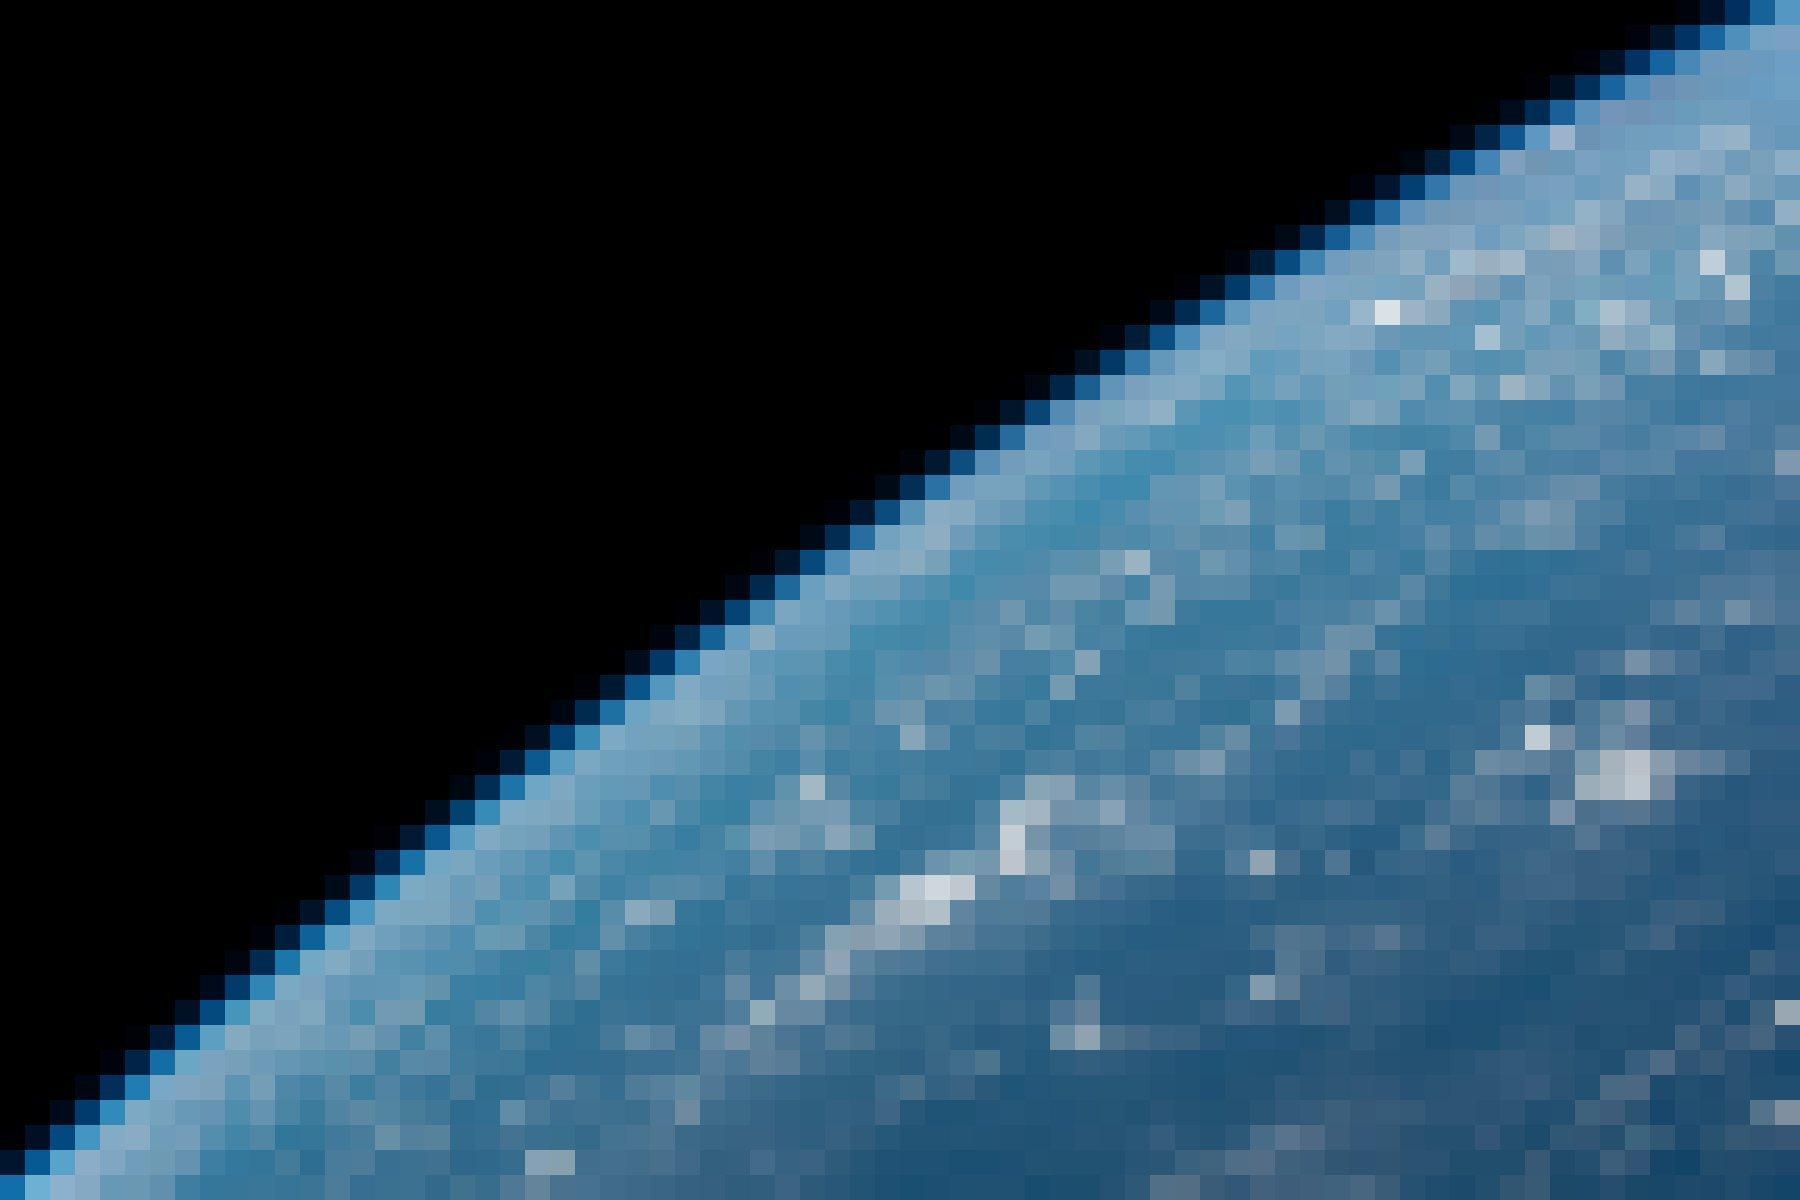 """Es gibt keinen Planeten B – Die Erde als blauer Planet. Ein wunderschönes Symbolfoto von Alexander Gerst, der damit Bezug nimmt zur Klimakonferenz der Vereinten Nationen, die im Dezember 2018im polnischen Kattowitz stattfand, und schreibt: """"Jetzt steht alles auf dem Spiel. Während sich 20000Experten aus 90Ländern in Kattowitz zum größten Klimaforum der Welt COP24versammeln, müssen wir uns alle daran erinnern, dass es keinen Planeten B gibt."""""""